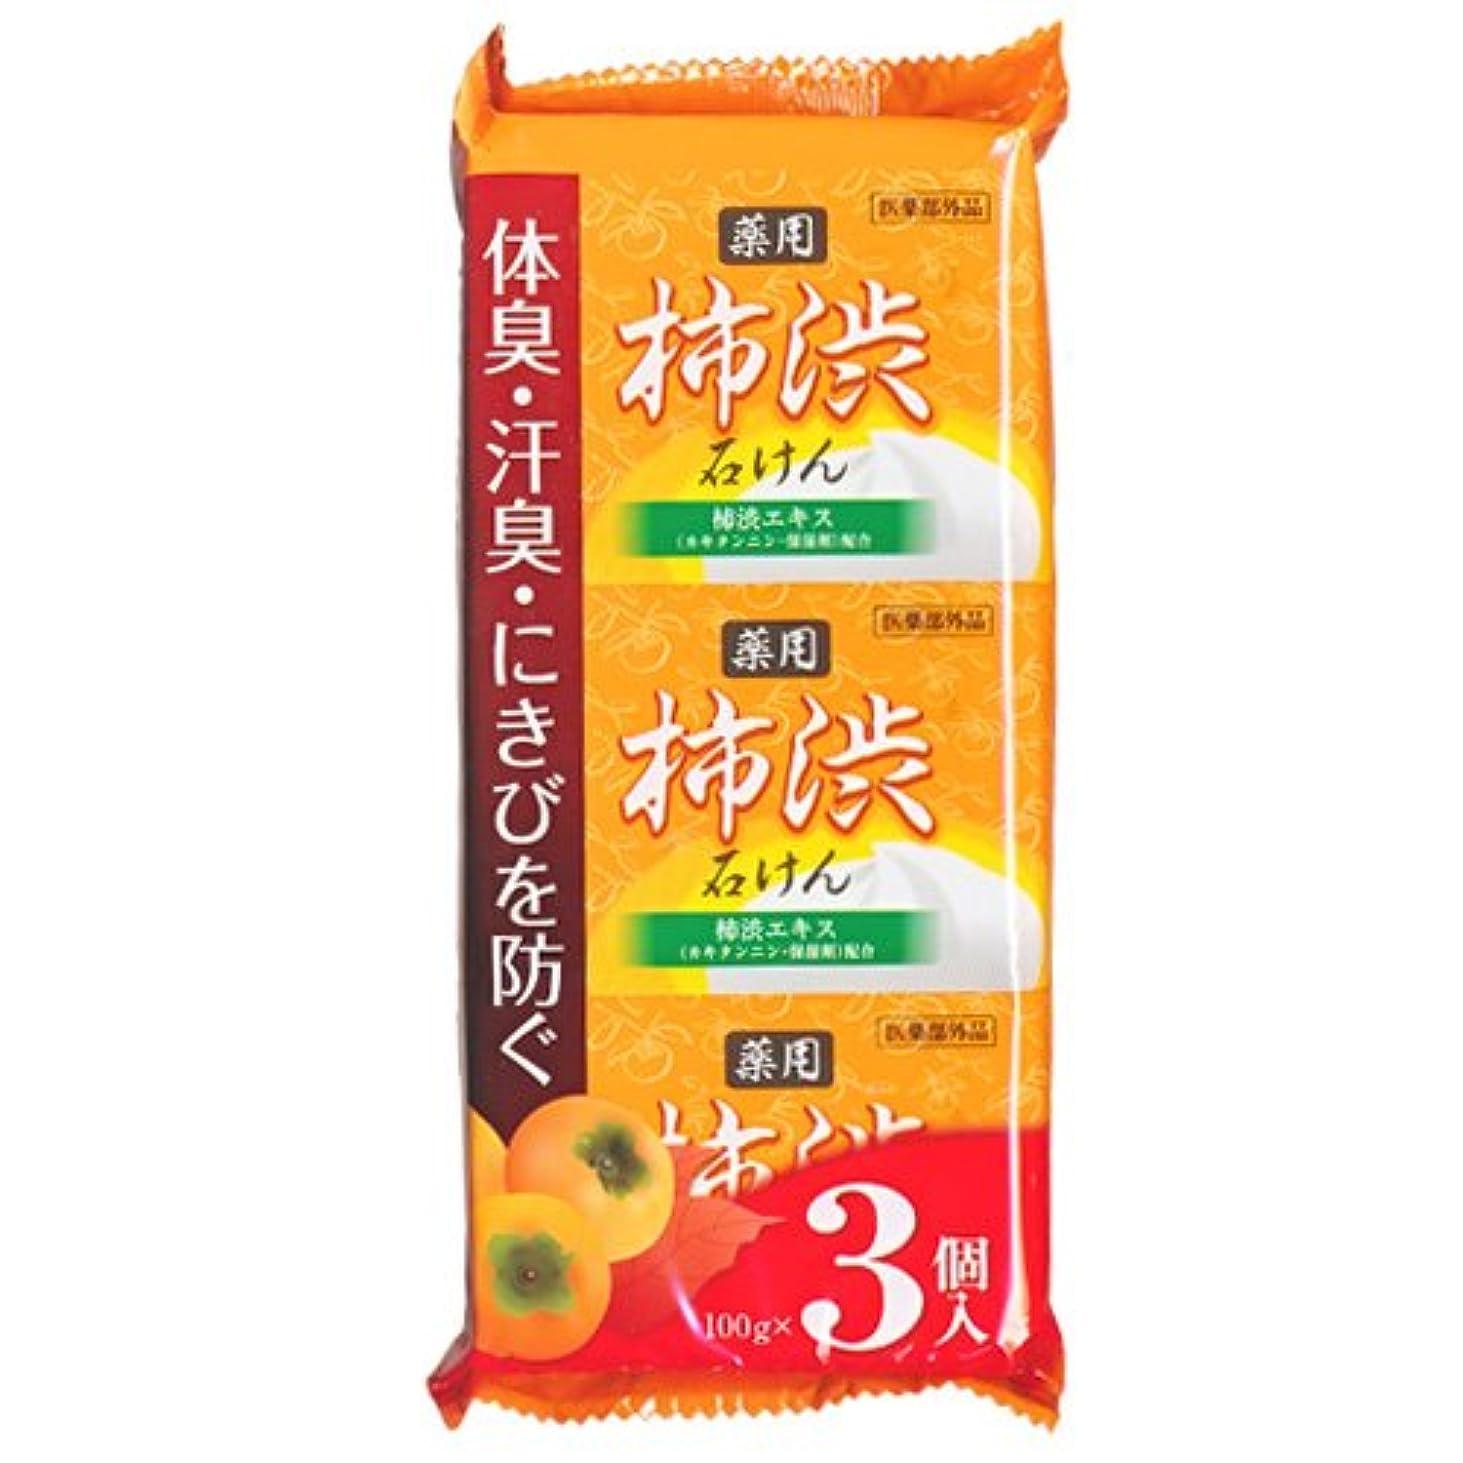 繊細個人的な群がる柿渋石鹸 100g×3個入 柿渋エキス カキタンニン?保湿剤配合